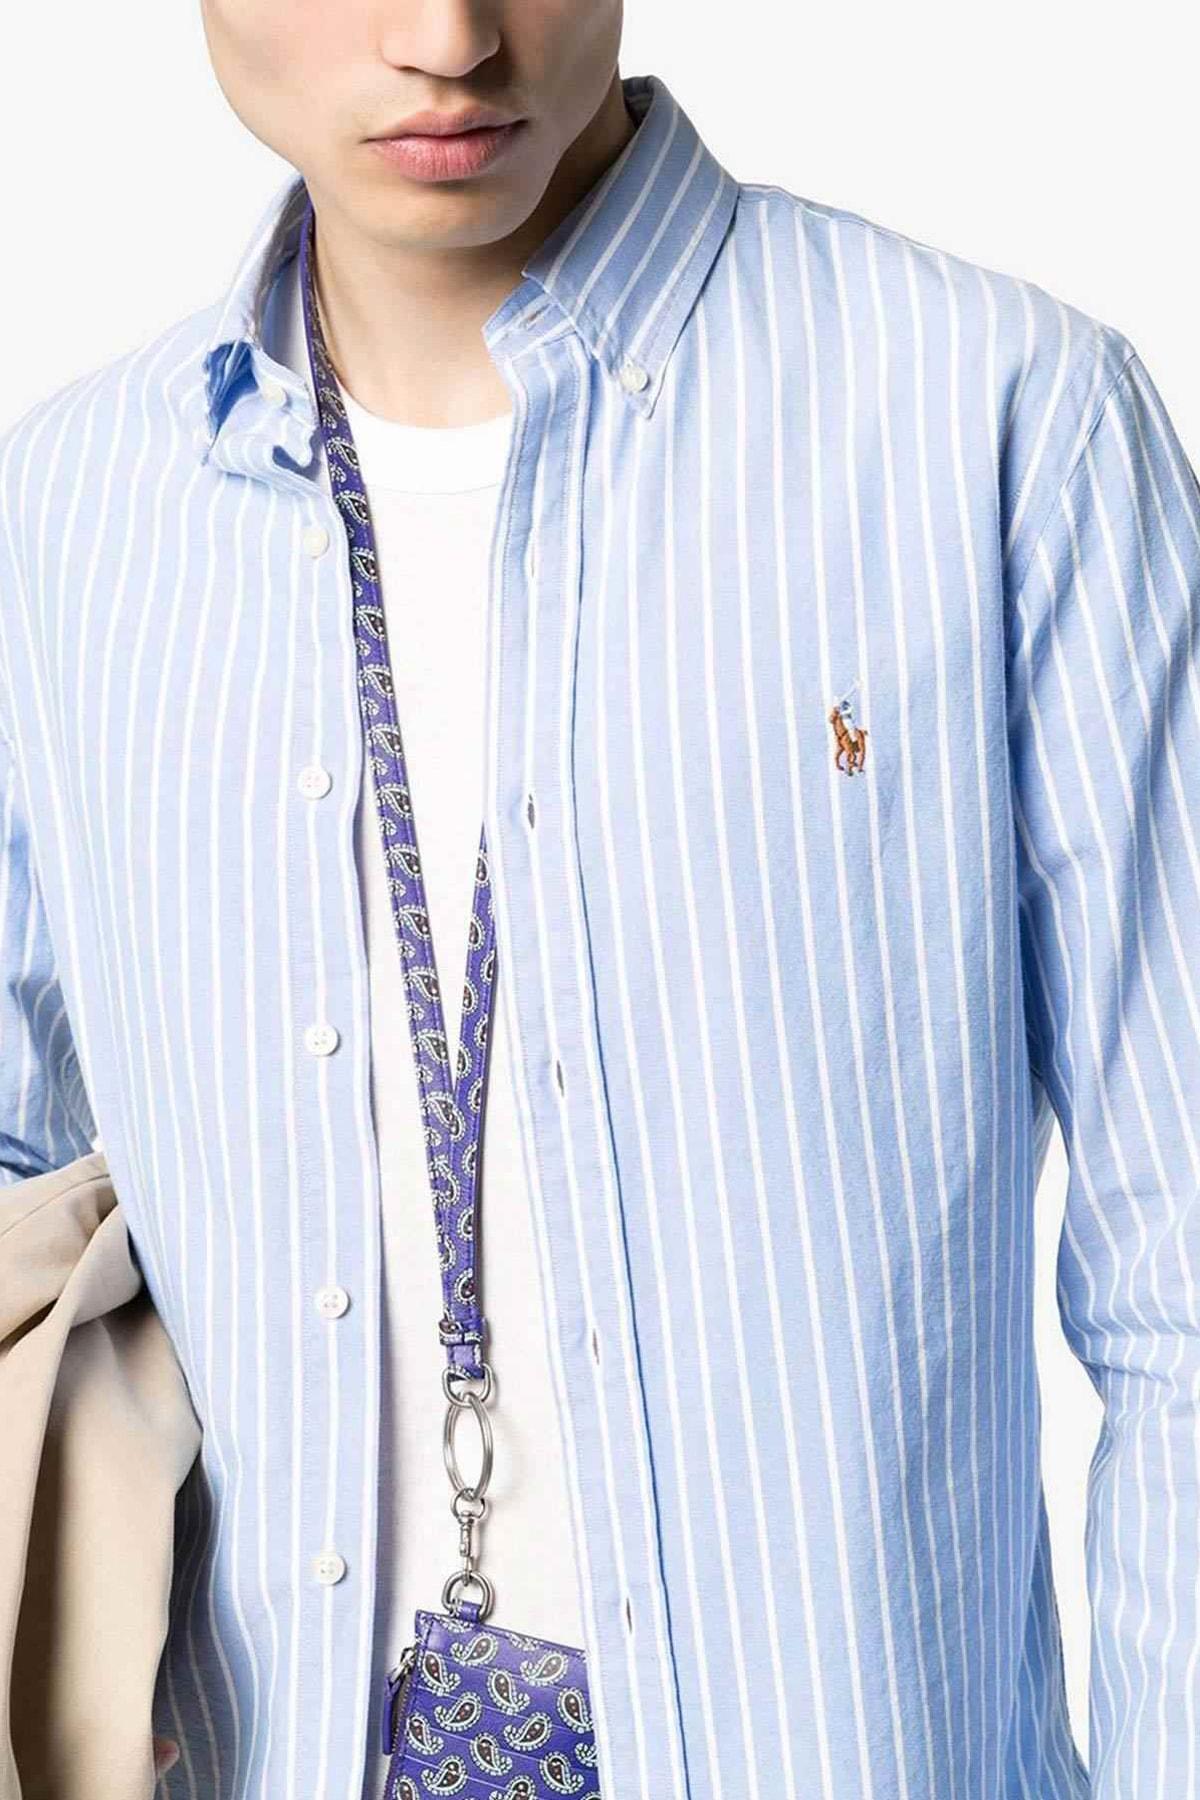 Polo Ralph Lauren Erkek Mavi Gömlek 4483975217204 1